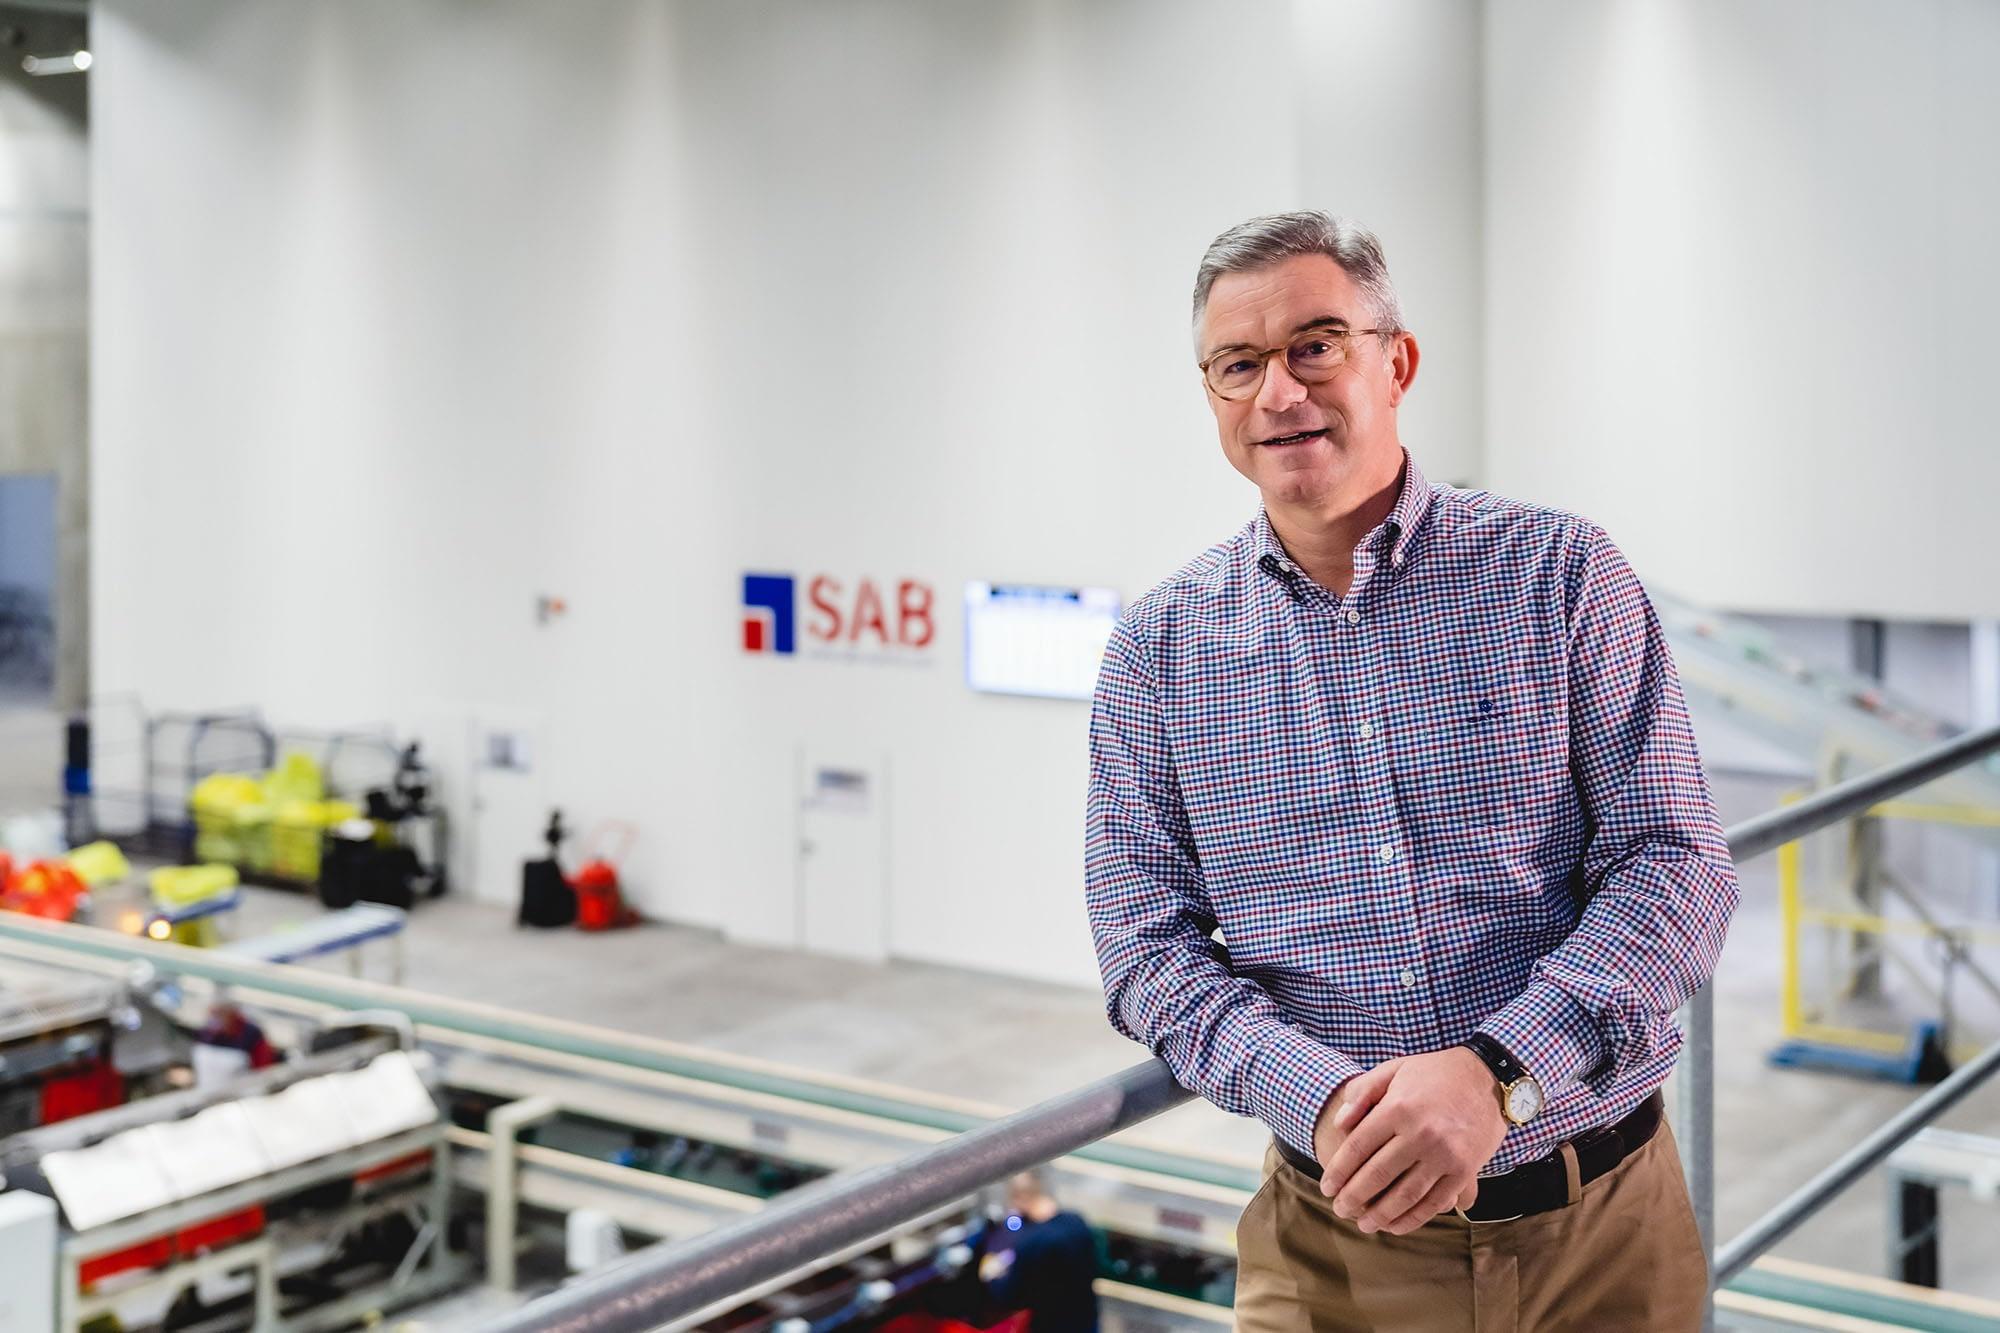 REMONDIS Geschäftsführer der Recycling-Sparte - Christoph Bildstein